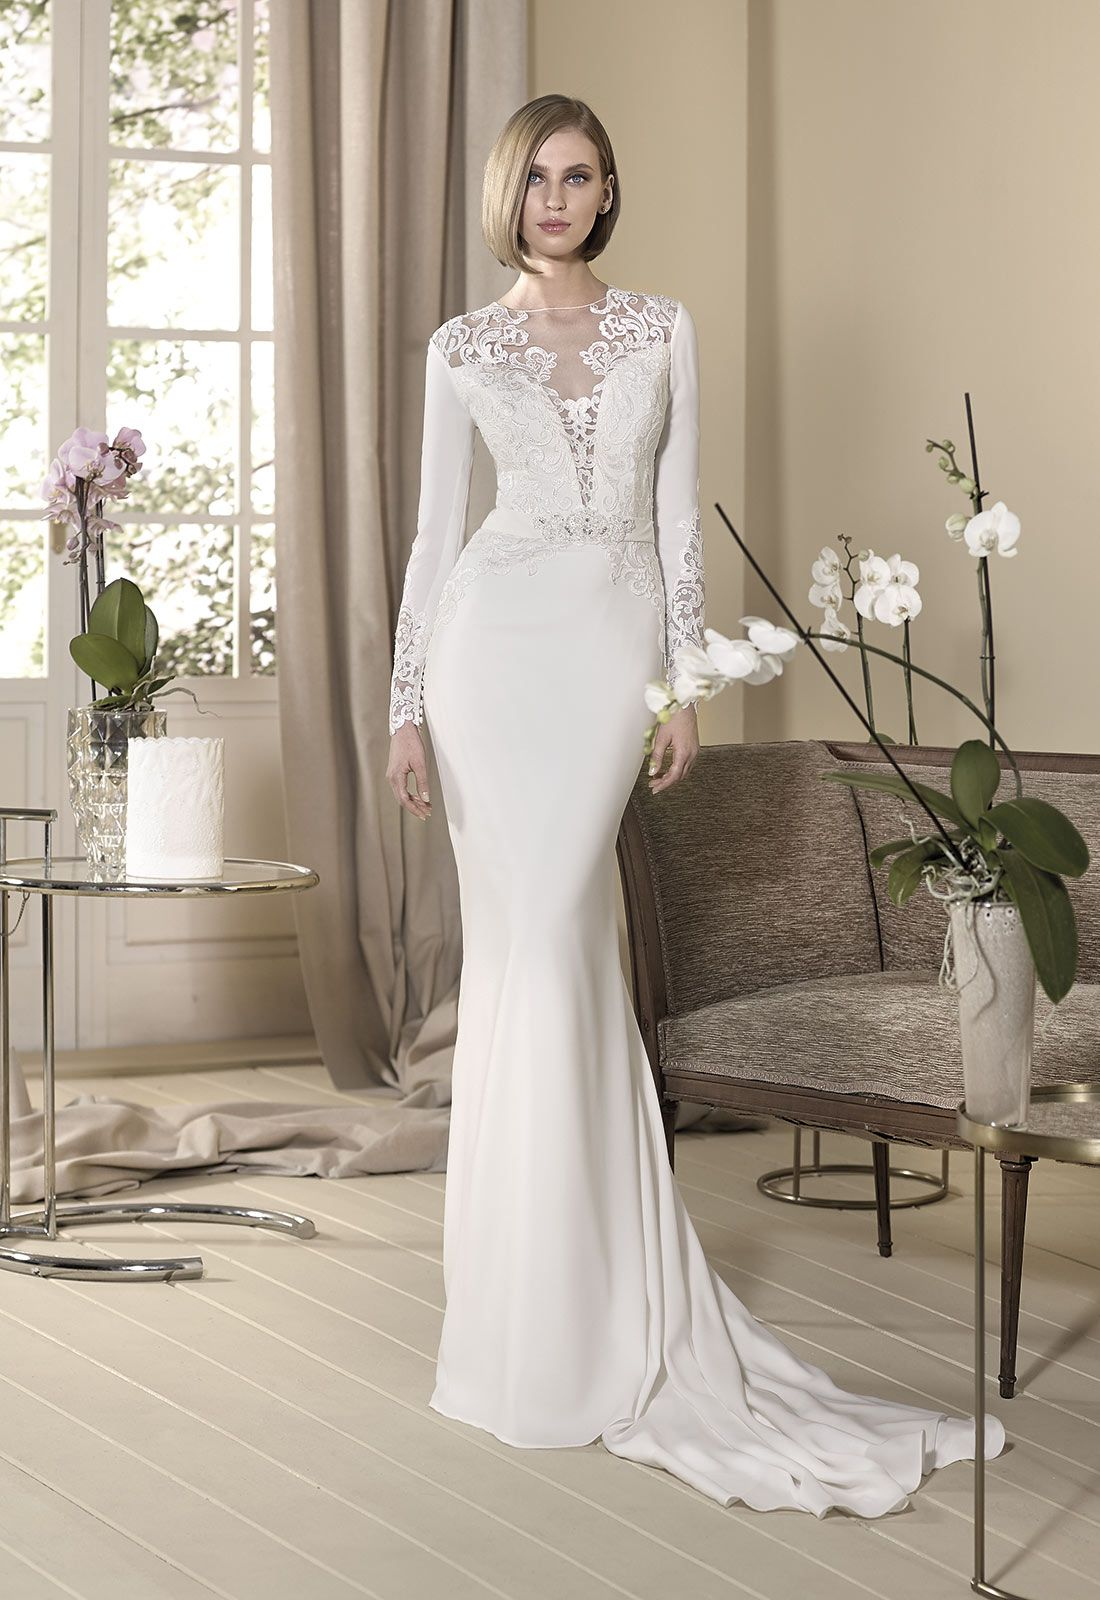 aed49e8b0 Vestido de novia modelo Glicinia de Cabotine. Confeccionado en crepe con  manga larga abotonada. Conoce este vestido nupcial de favorecedor estilo  vintage